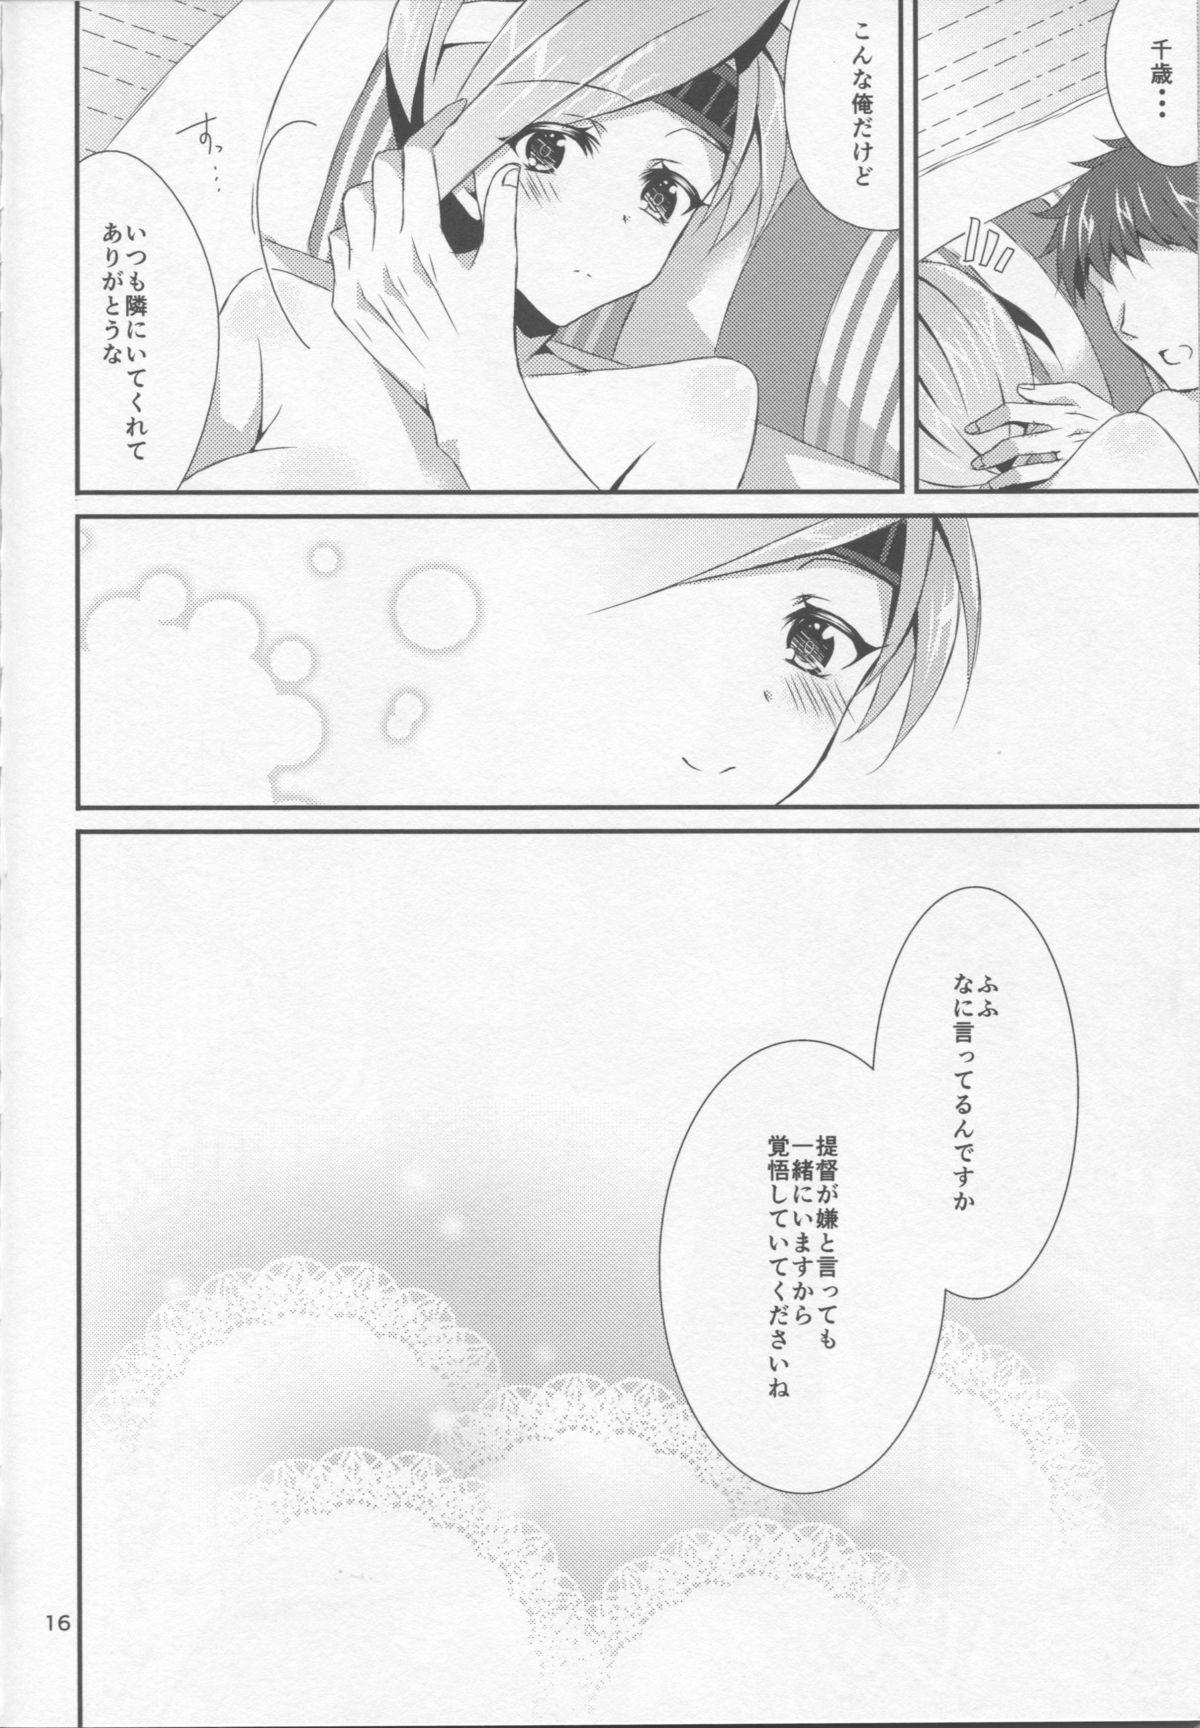 Chitose to Banshaku 15